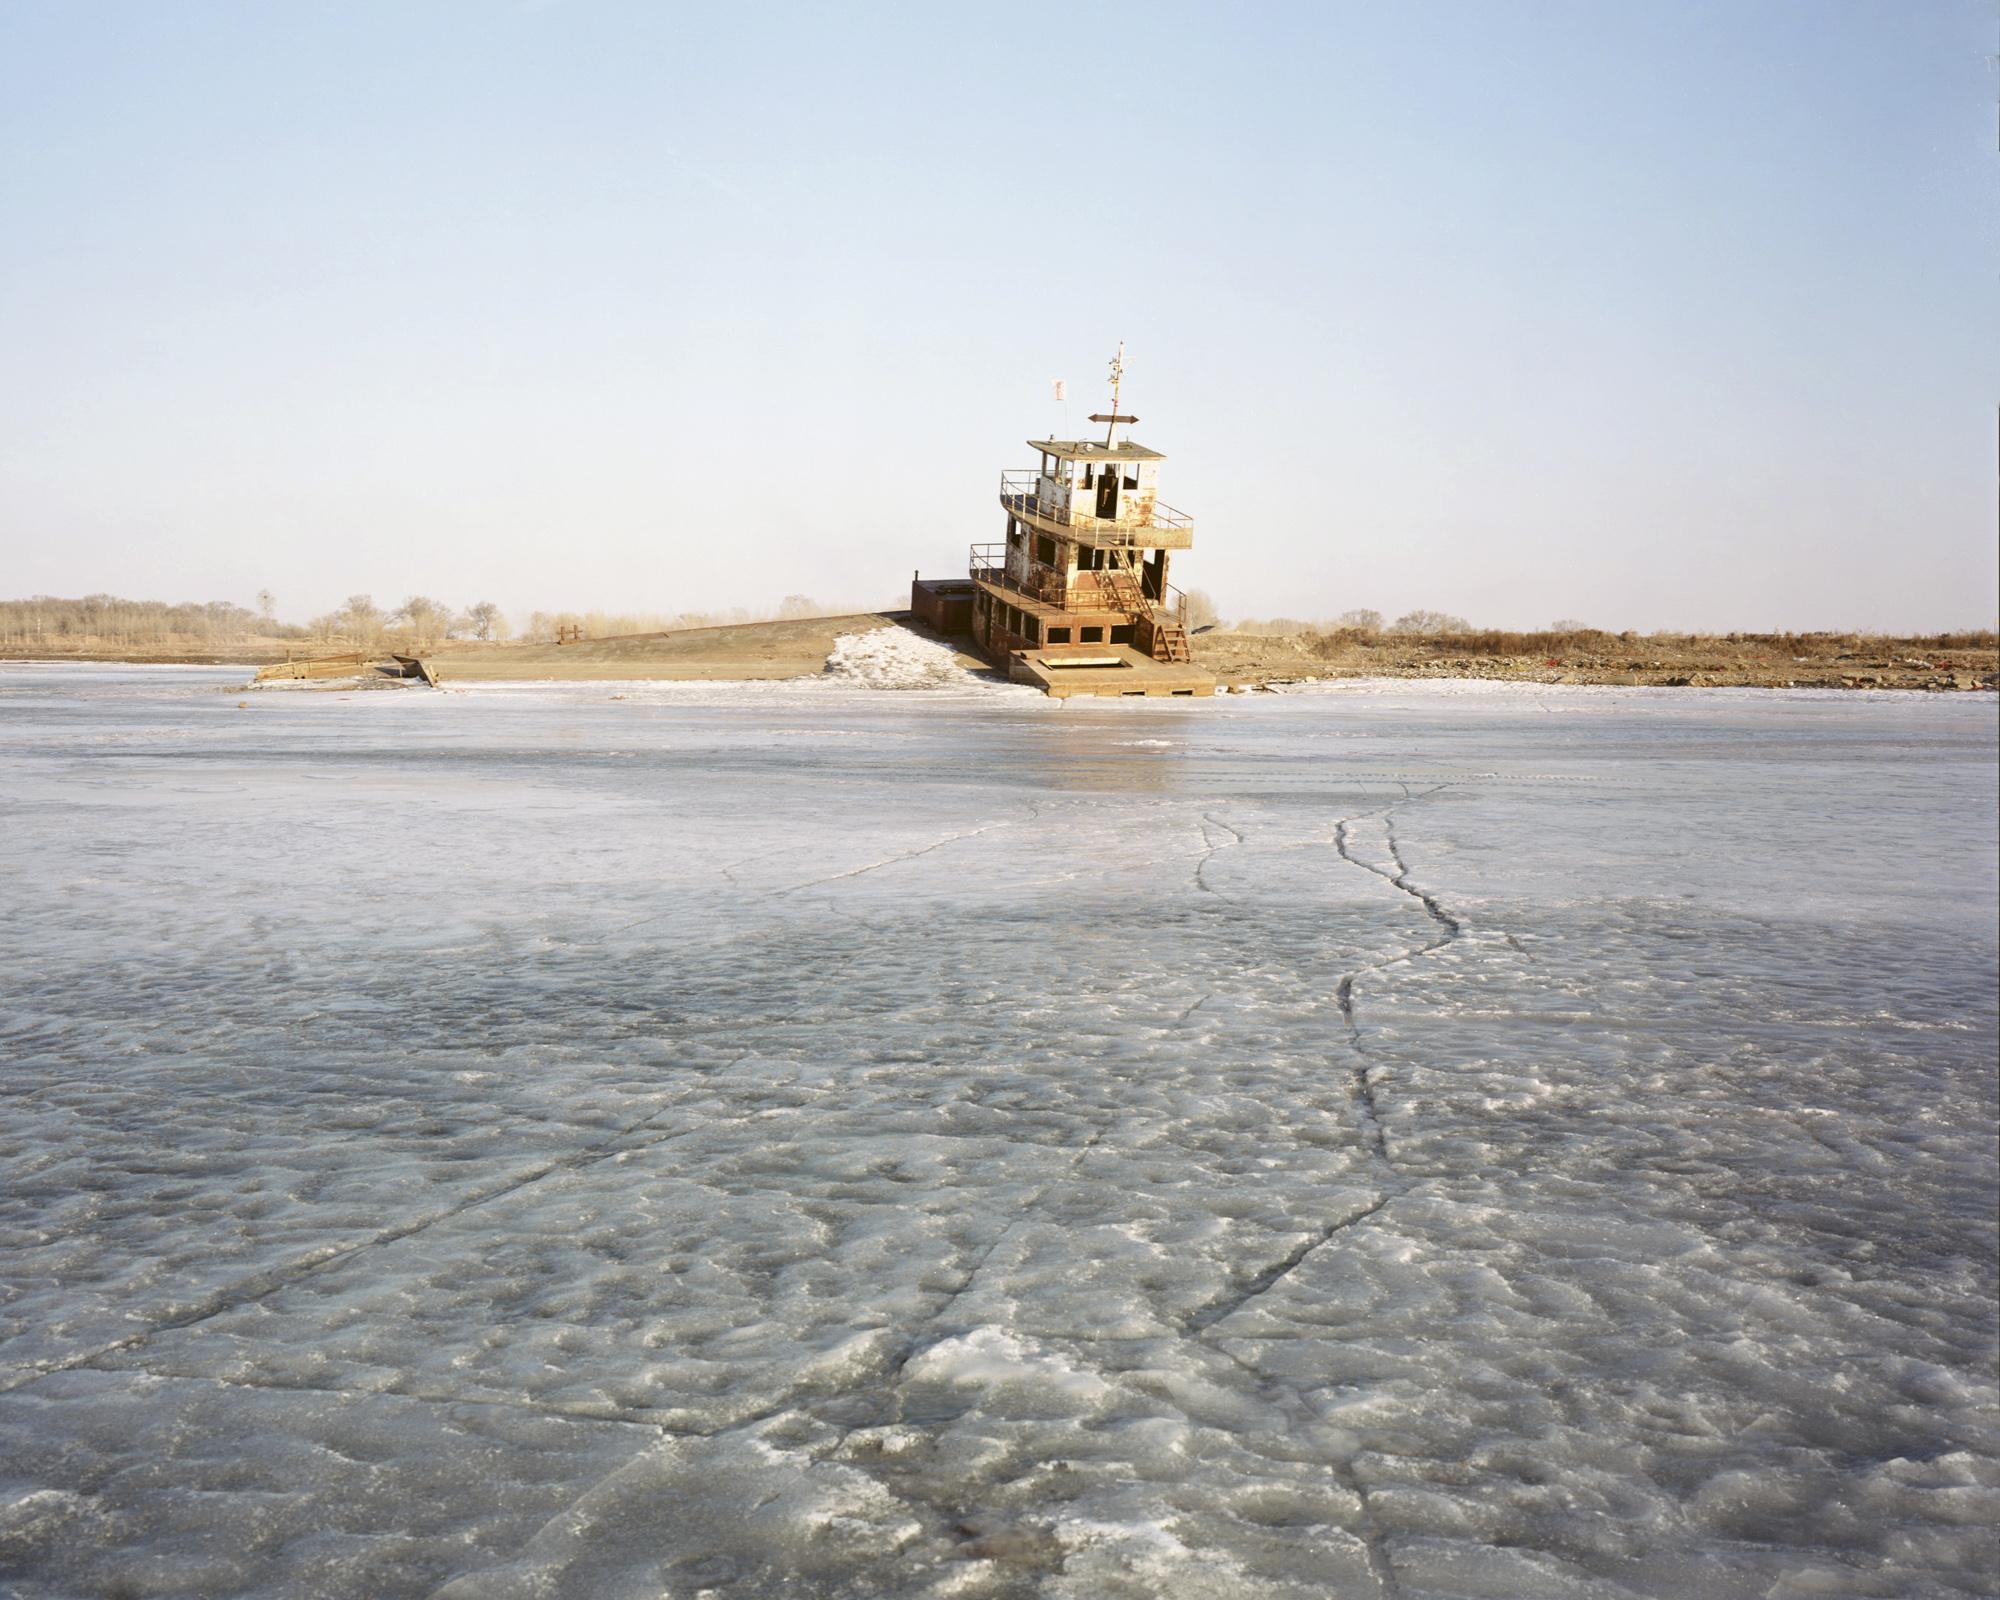 chen-ronghui-photography-of-china-Freezing Land  15.jpg